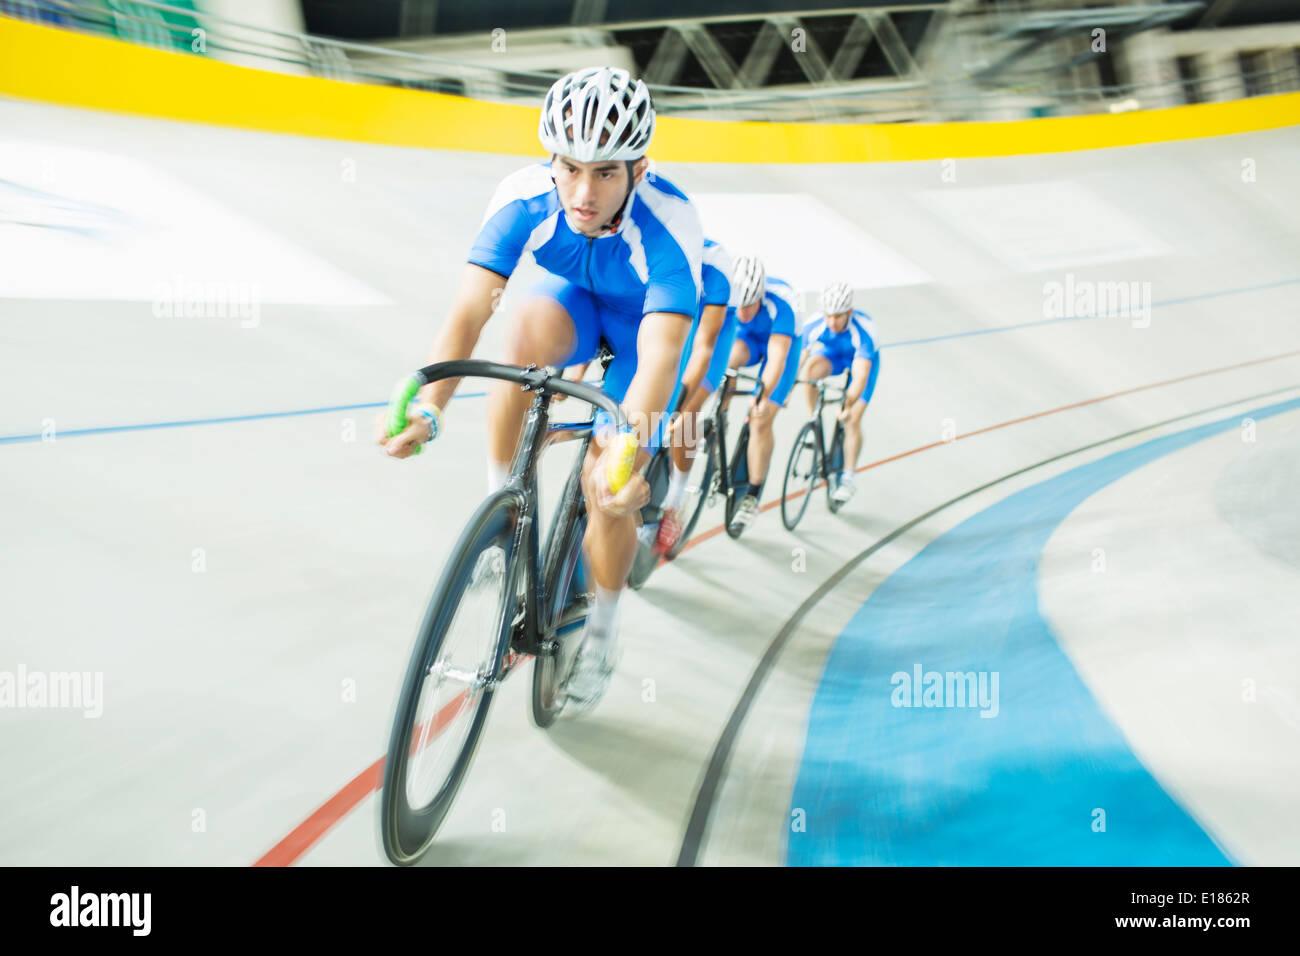 Via ciclista racing nel velodromo Immagini Stock